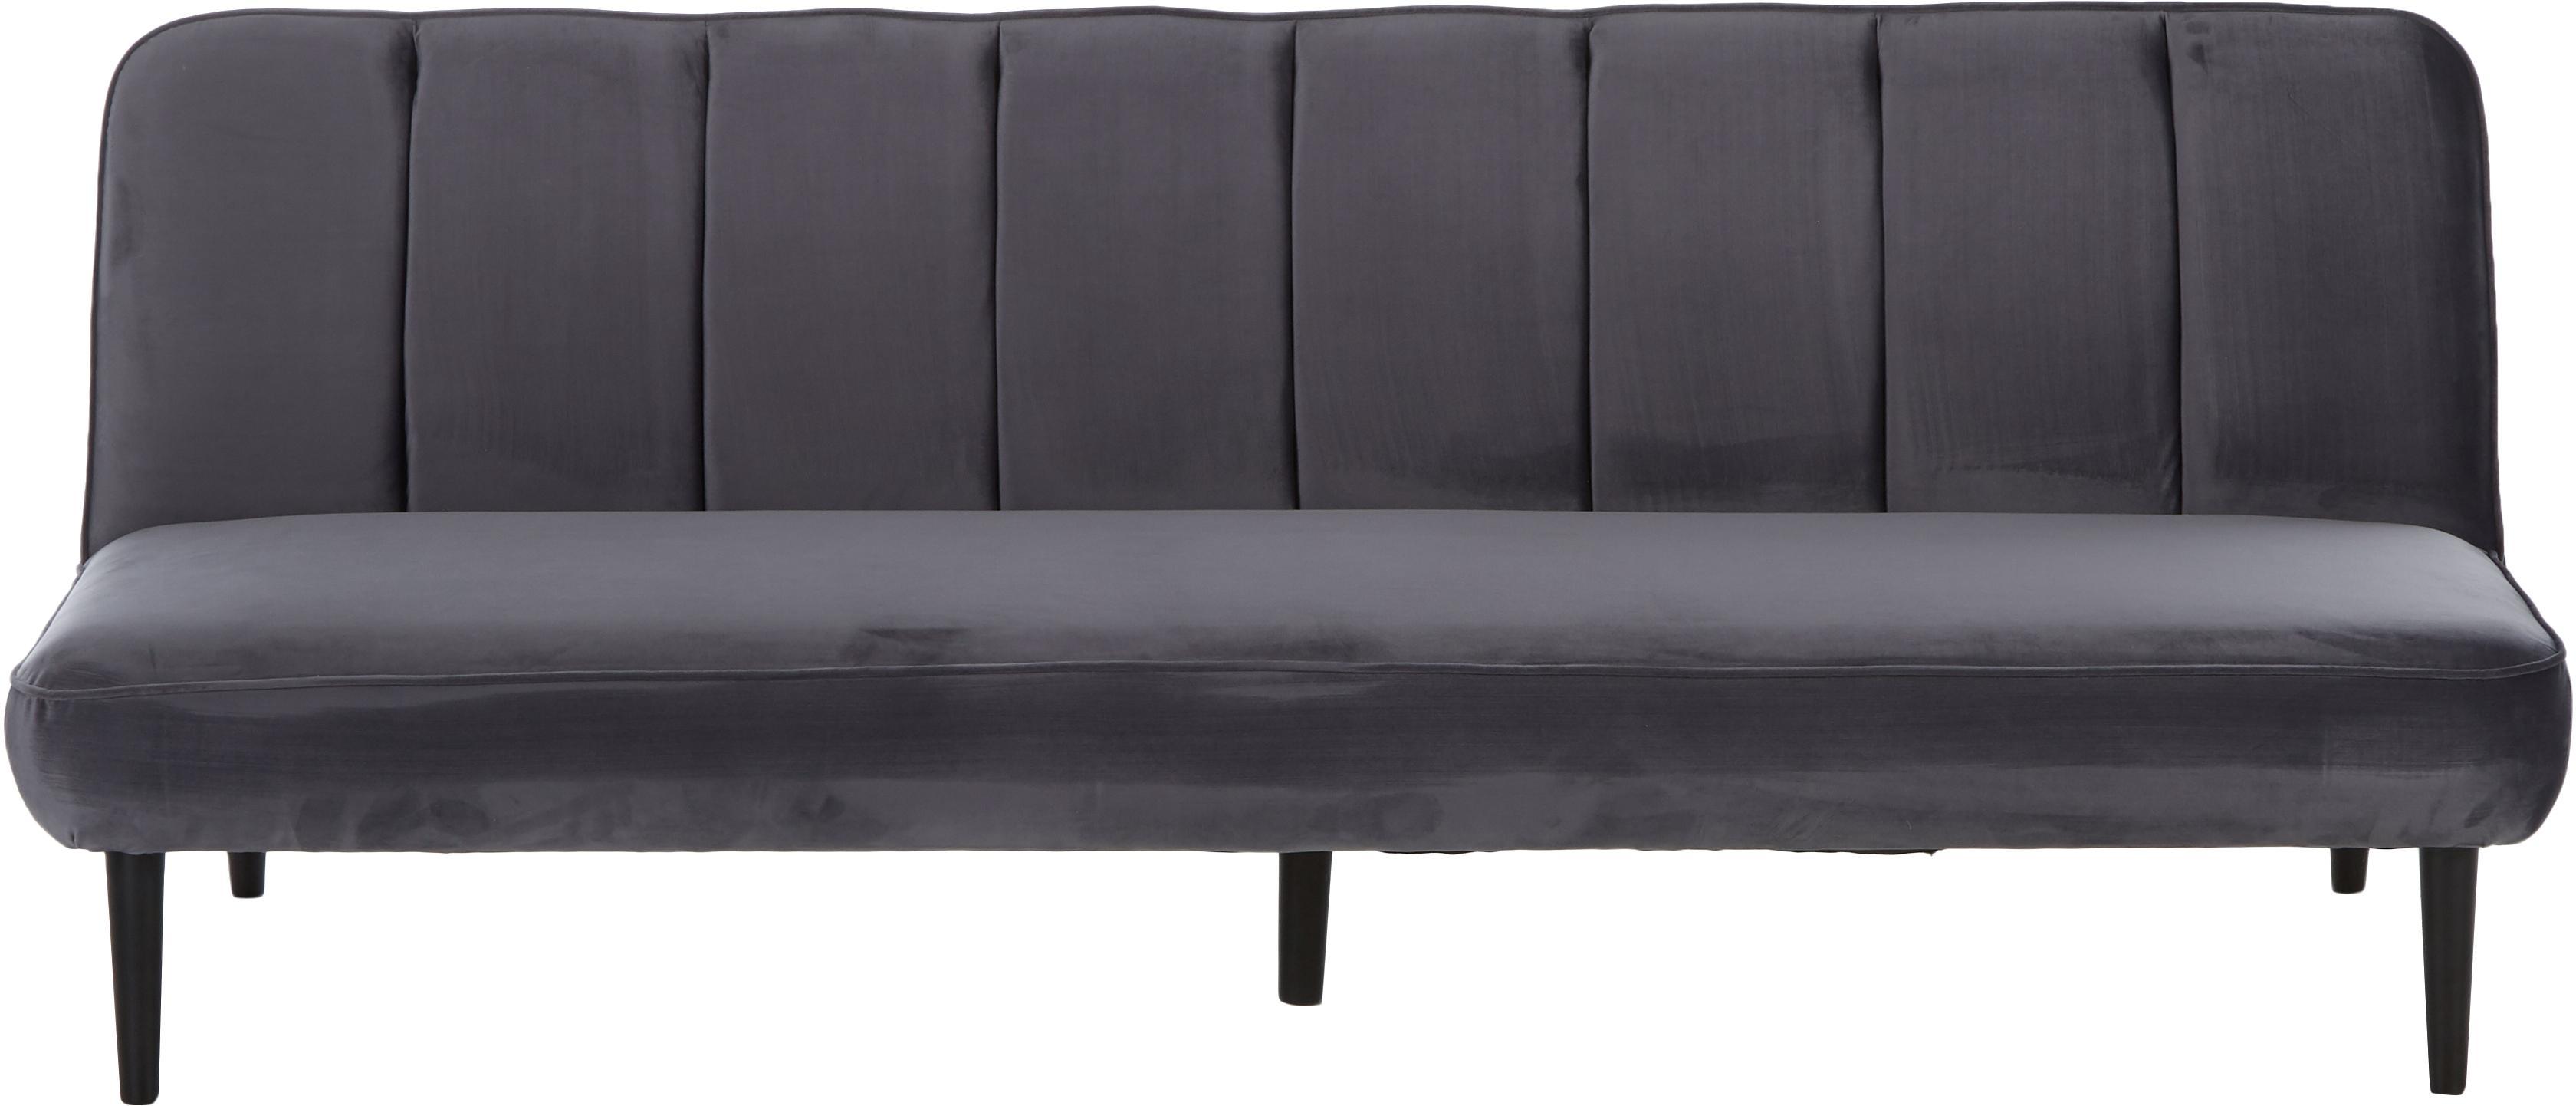 Sofá cama de terciopelo Hayley, Tapizado: terciopelo (poliéster) Al, Estructura: madera de pino, Patas: madera de caucho, pintado, Terciopelo gris, An 200 x F 89 cm